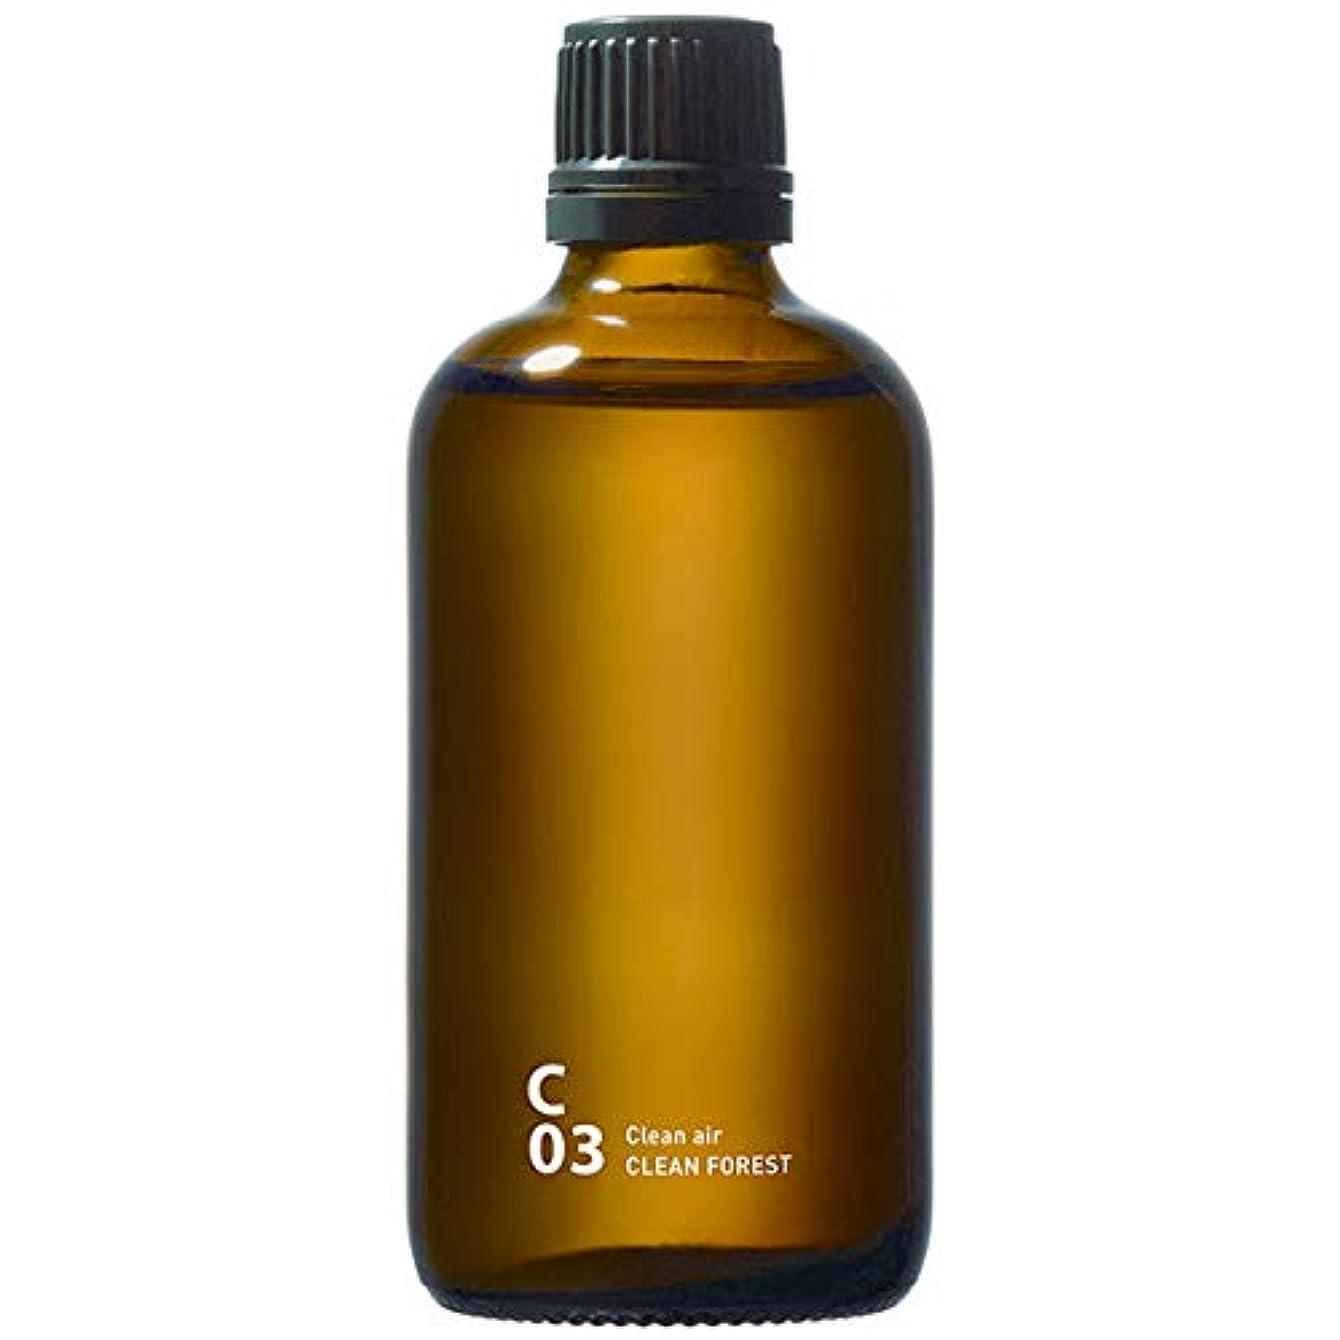 見物人繁雑後ろにC03 CLEAN FOREST piezo aroma oil 100ml